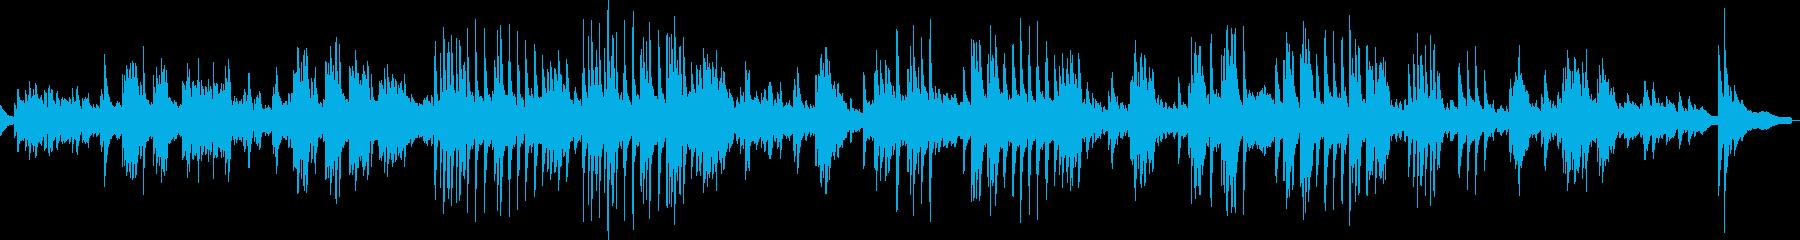 展覧会の絵より「古い城」(ピアノソロ)の再生済みの波形